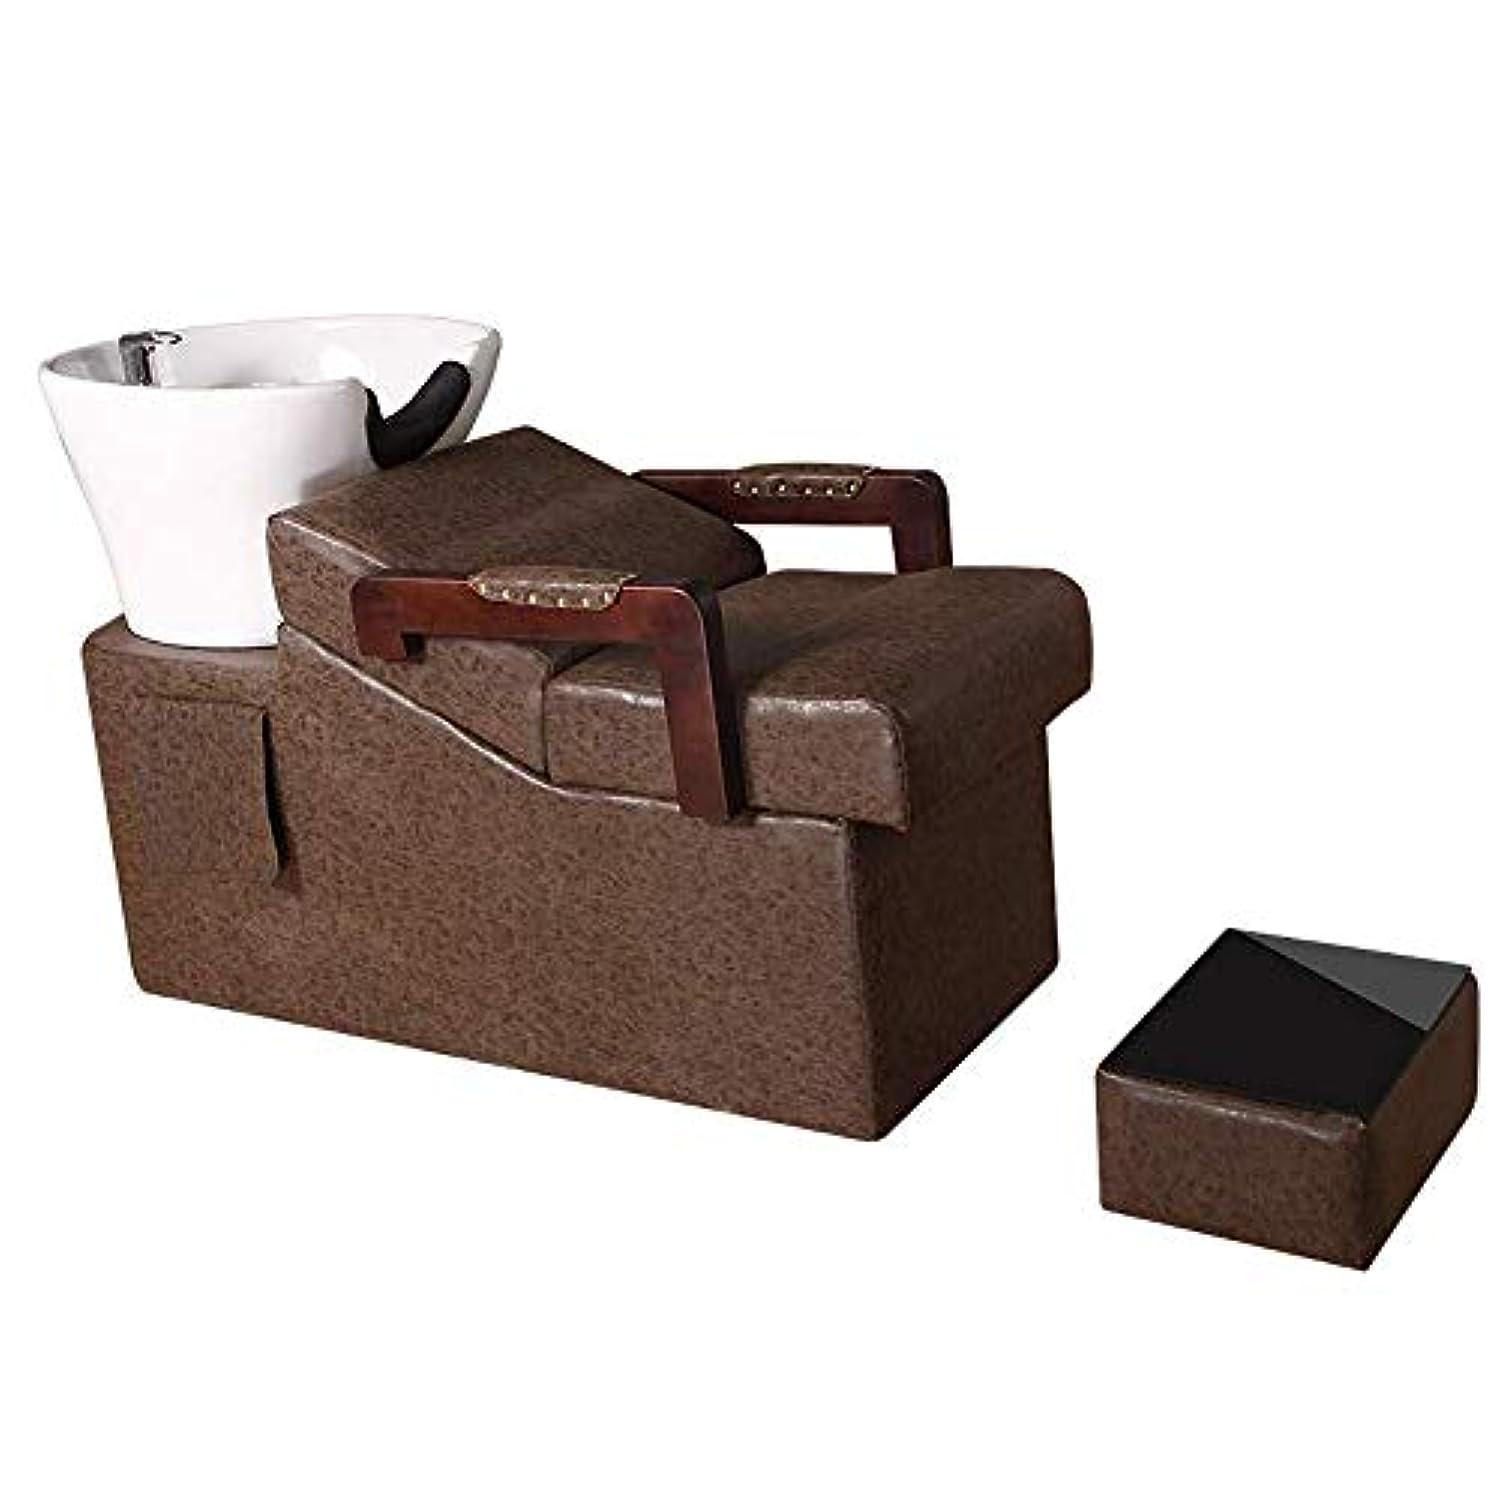 ポジション窒息させるビットシャンプーバーバー逆洗椅子、スパビューティーサロン装置特殊シャンプーベッドのための逆洗ユニットシャンプーボウル理髪シンクチェア